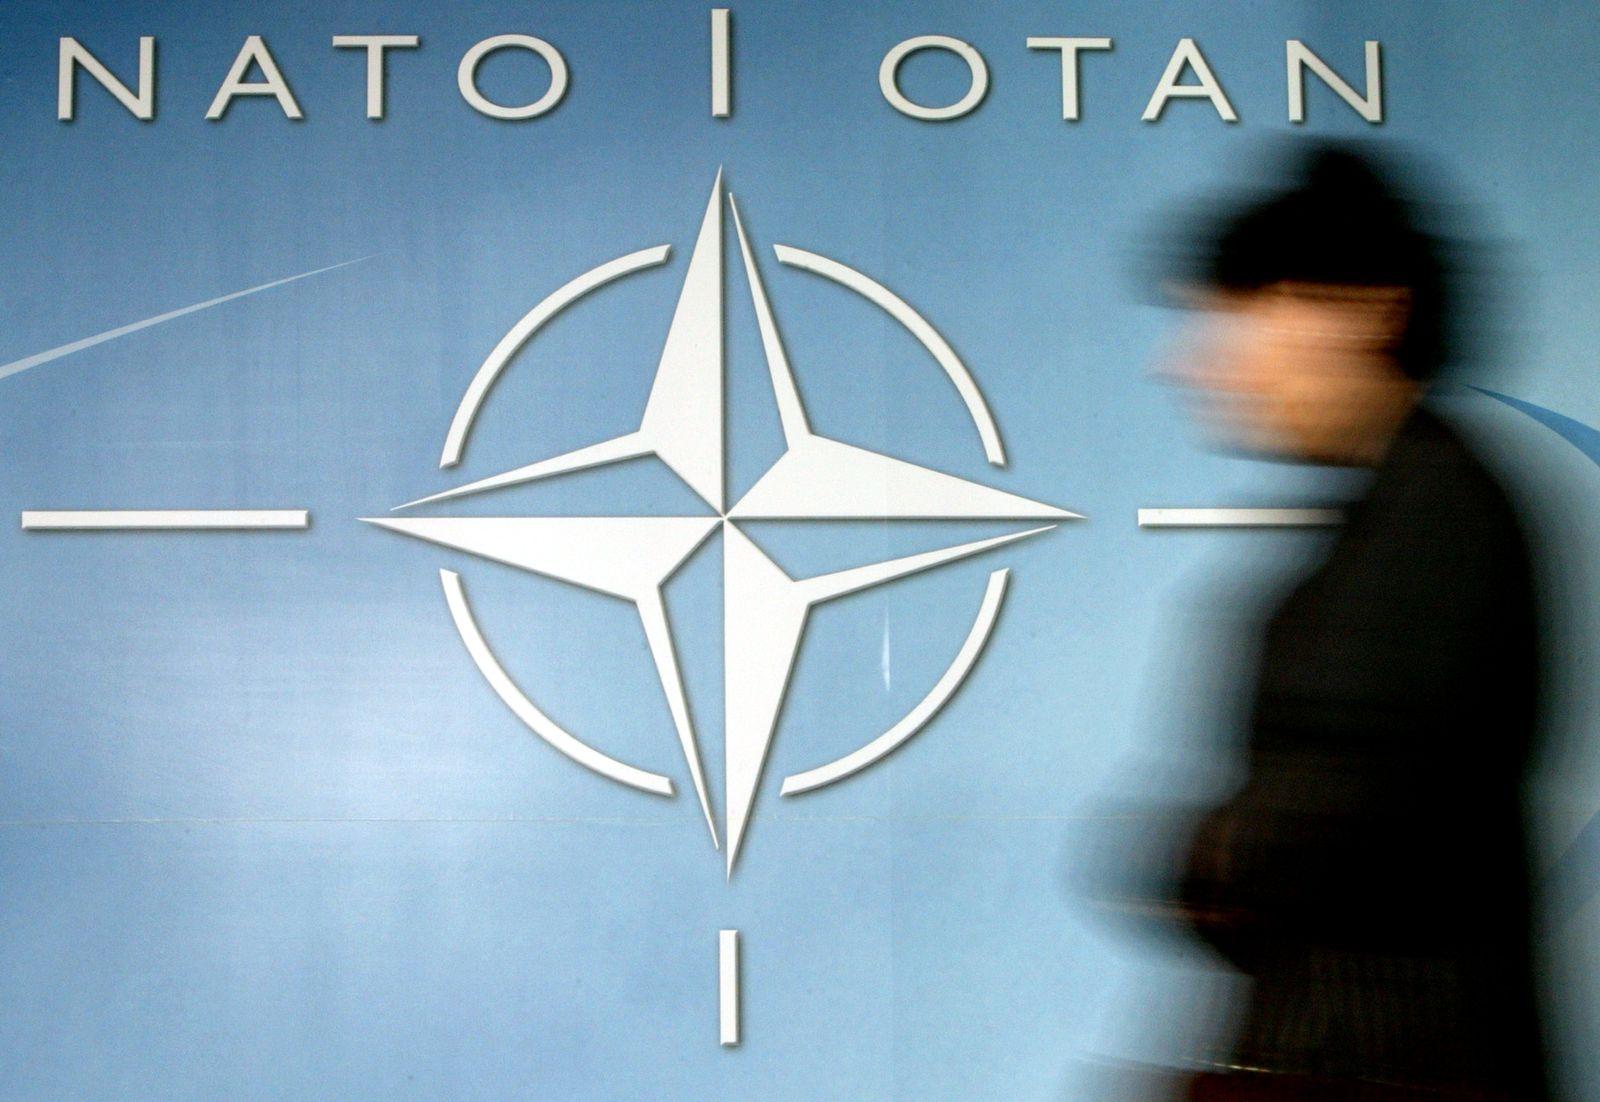 NATO / LOGO